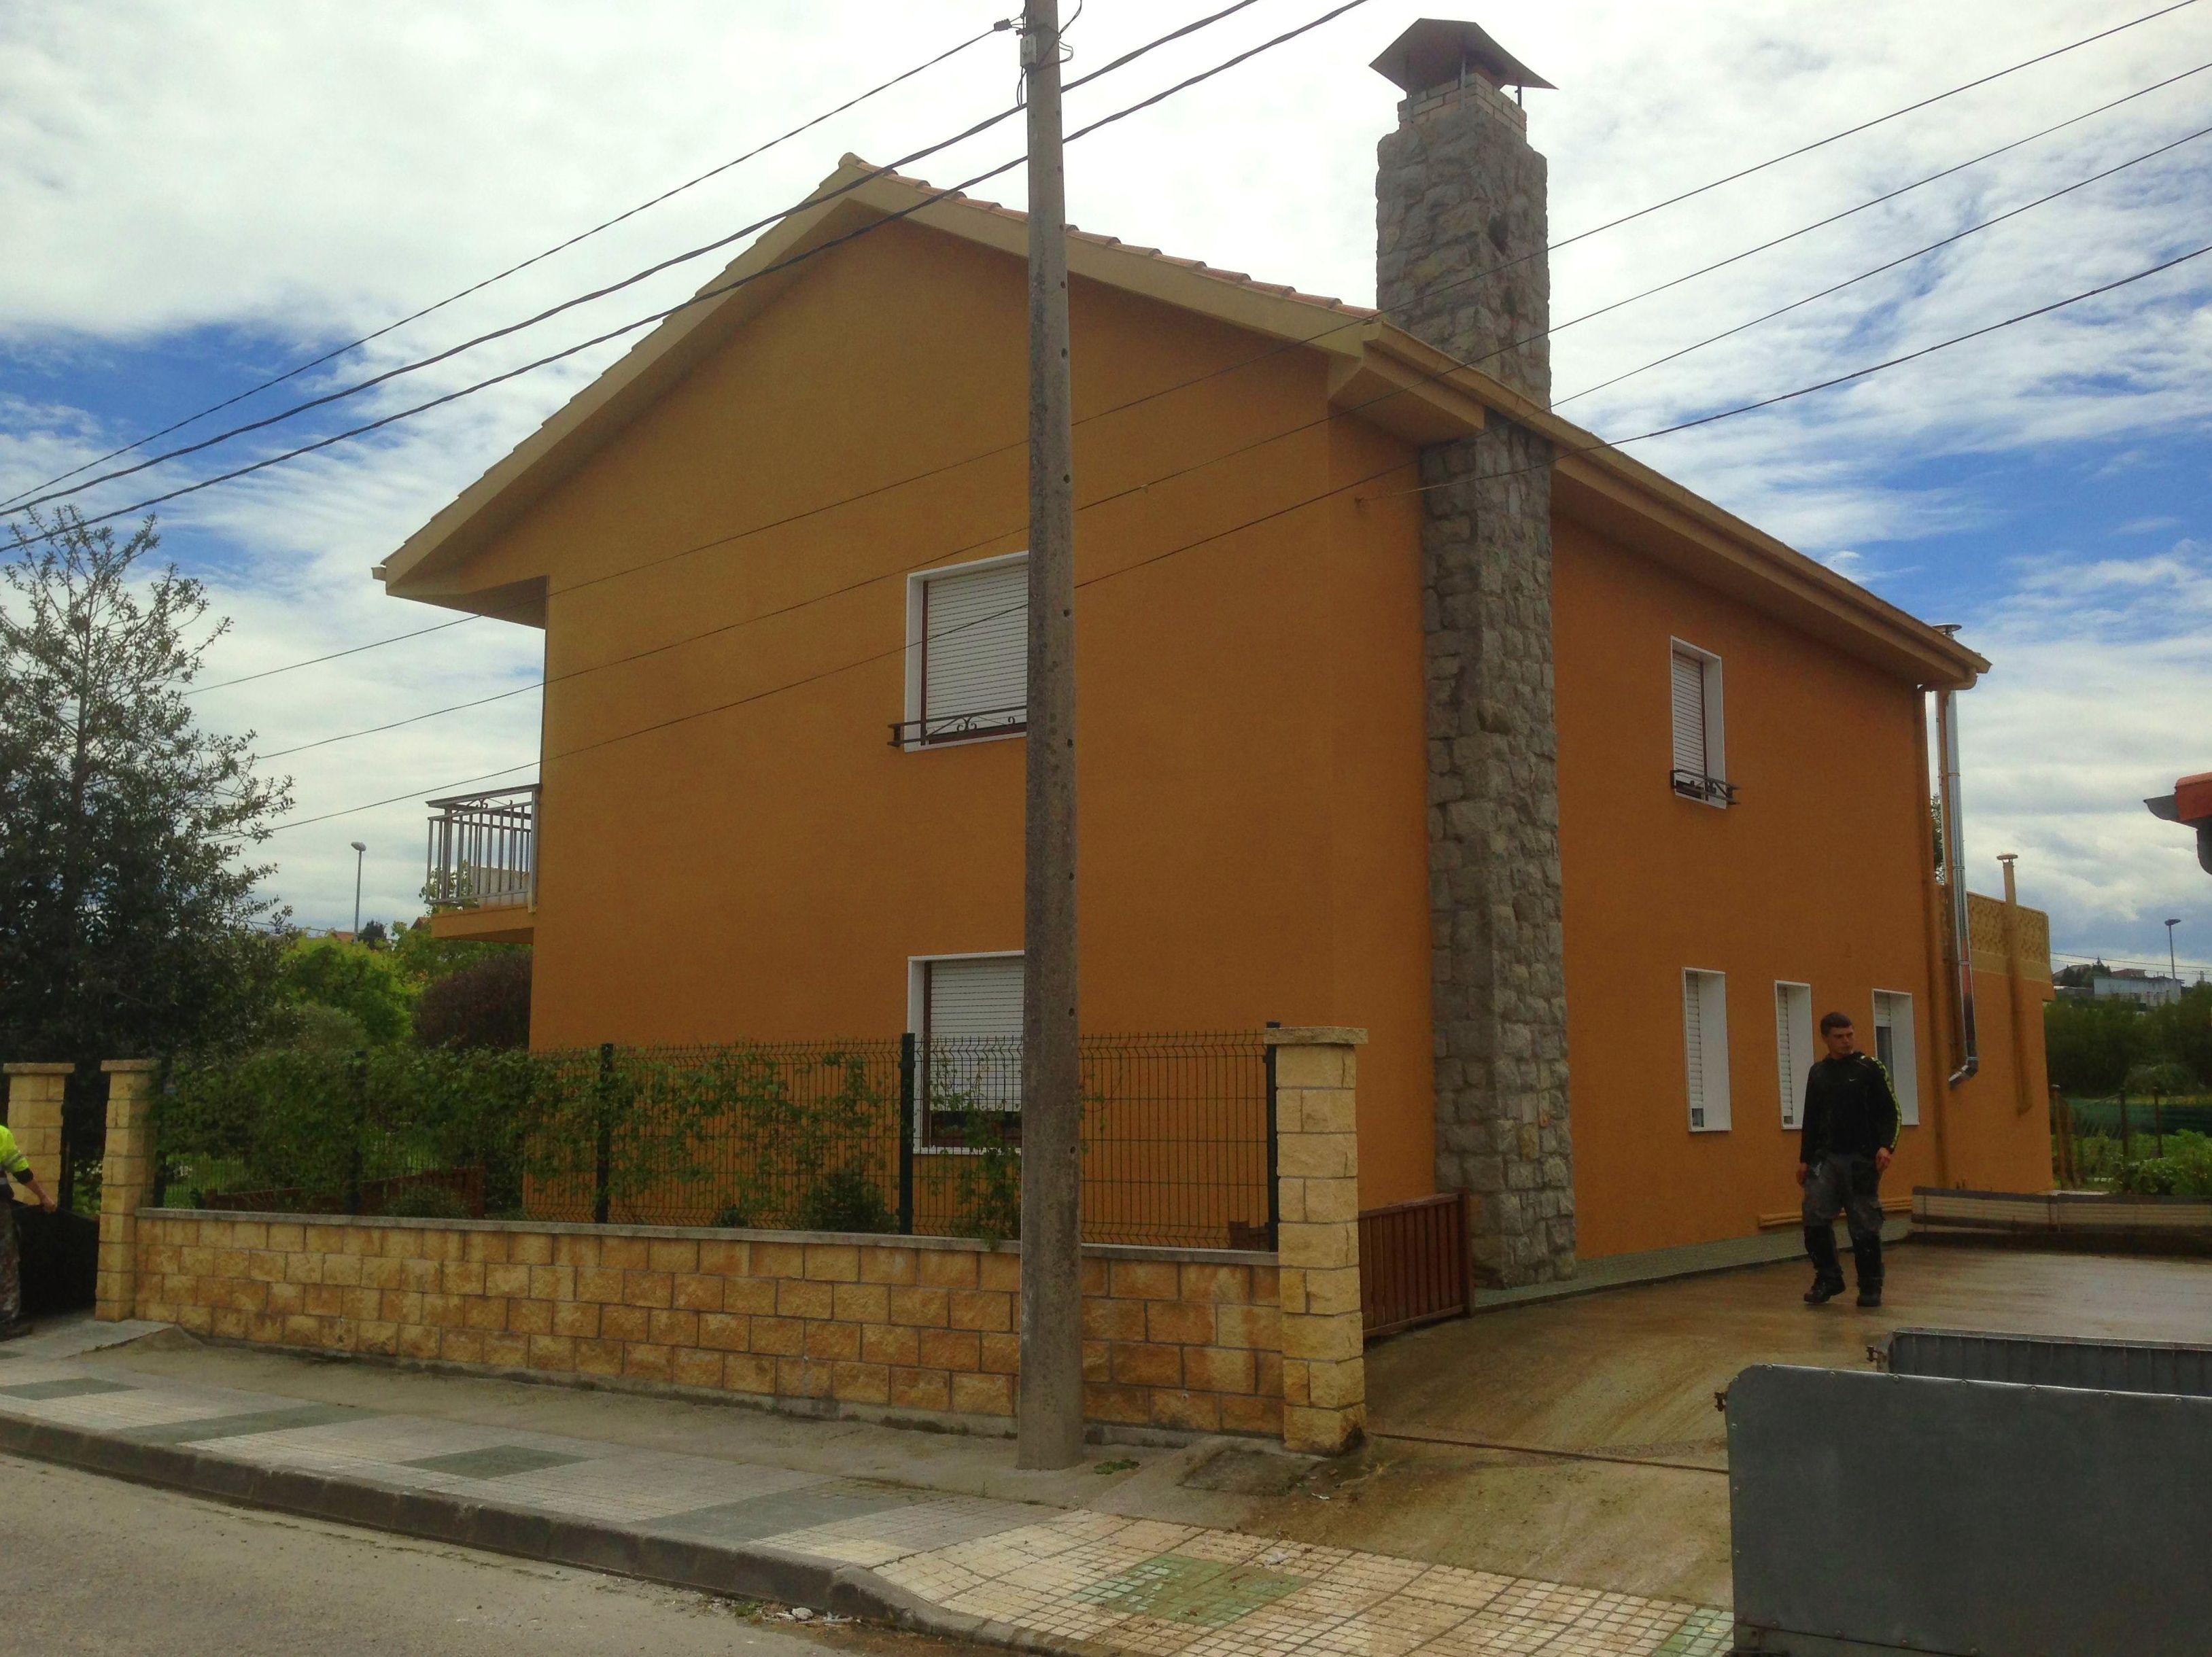 Reforma de casa unifamiliar - Reforma de casas ...